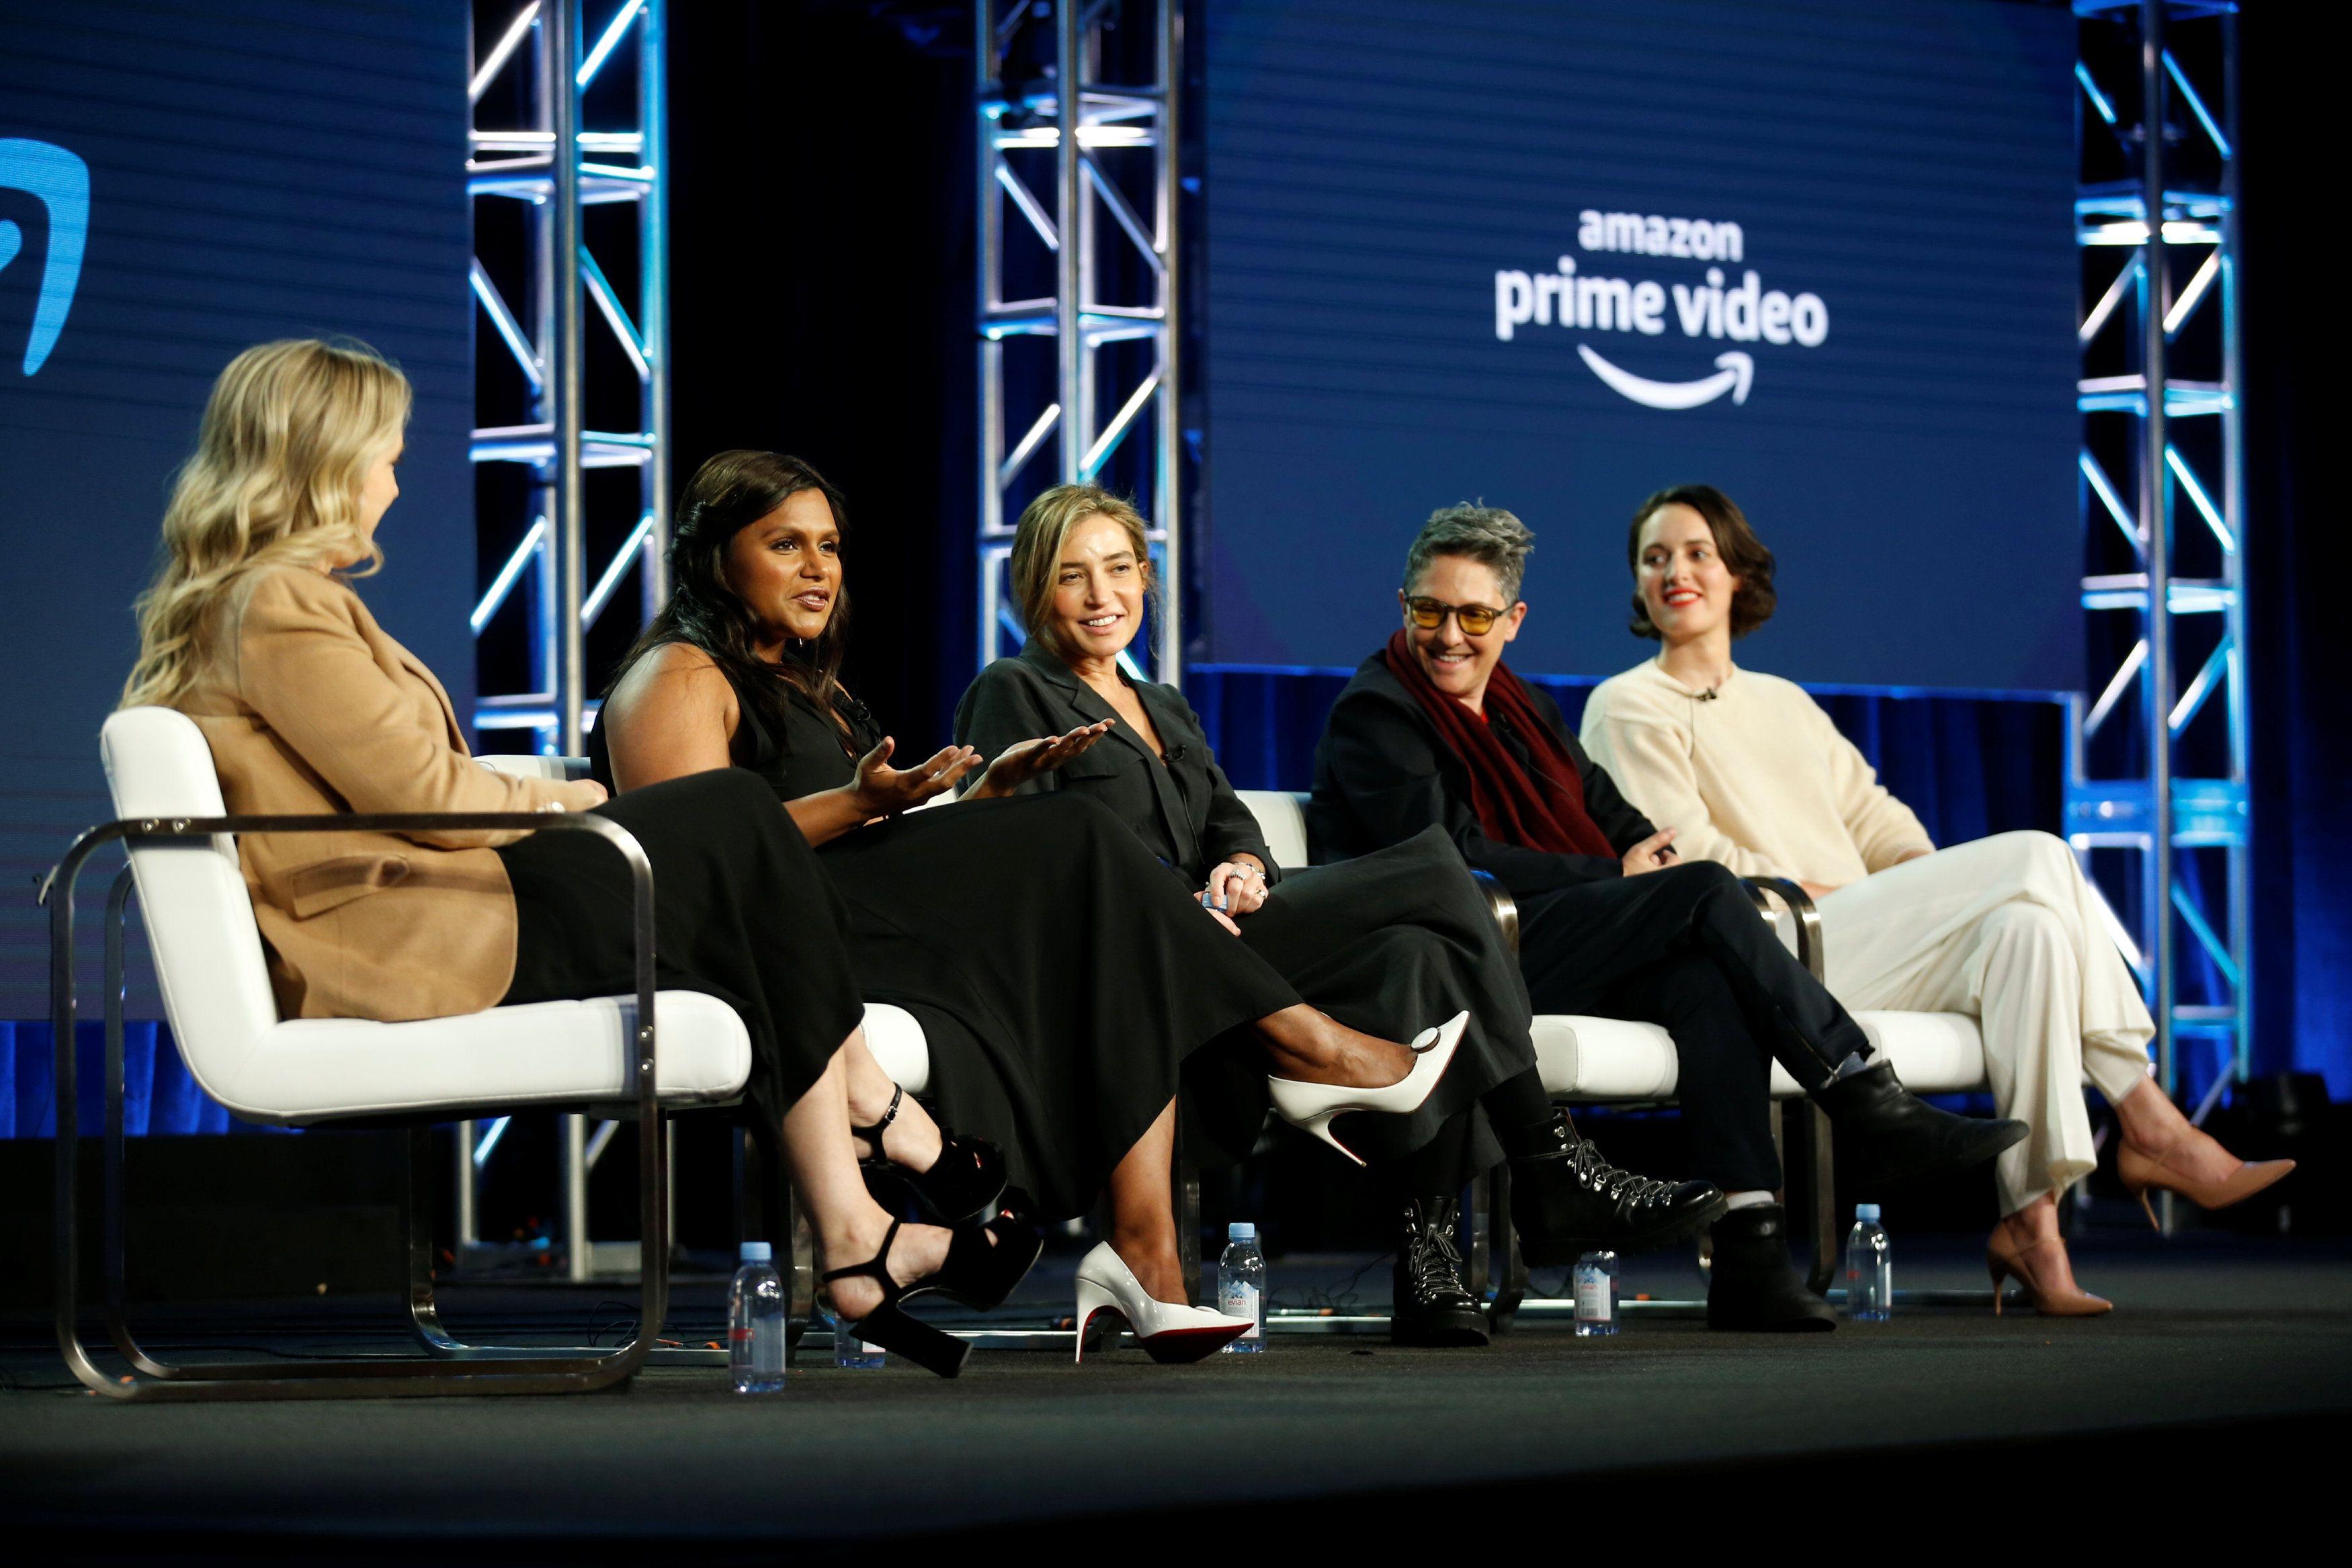 """La directora de Amazon Studios, Jennifer Salke, con la productora Mindy Kaling (""""Late Night""""), la directora Reed Morano(""""The Power""""), la creadora Jill Soloway (""""Transparent"""") y la productora Phoebe Waller-Bridge (""""Fleabag"""") en una mesa de la Asociación de Críticos de Televisión. (REUTERS/Danny Moloshok)"""